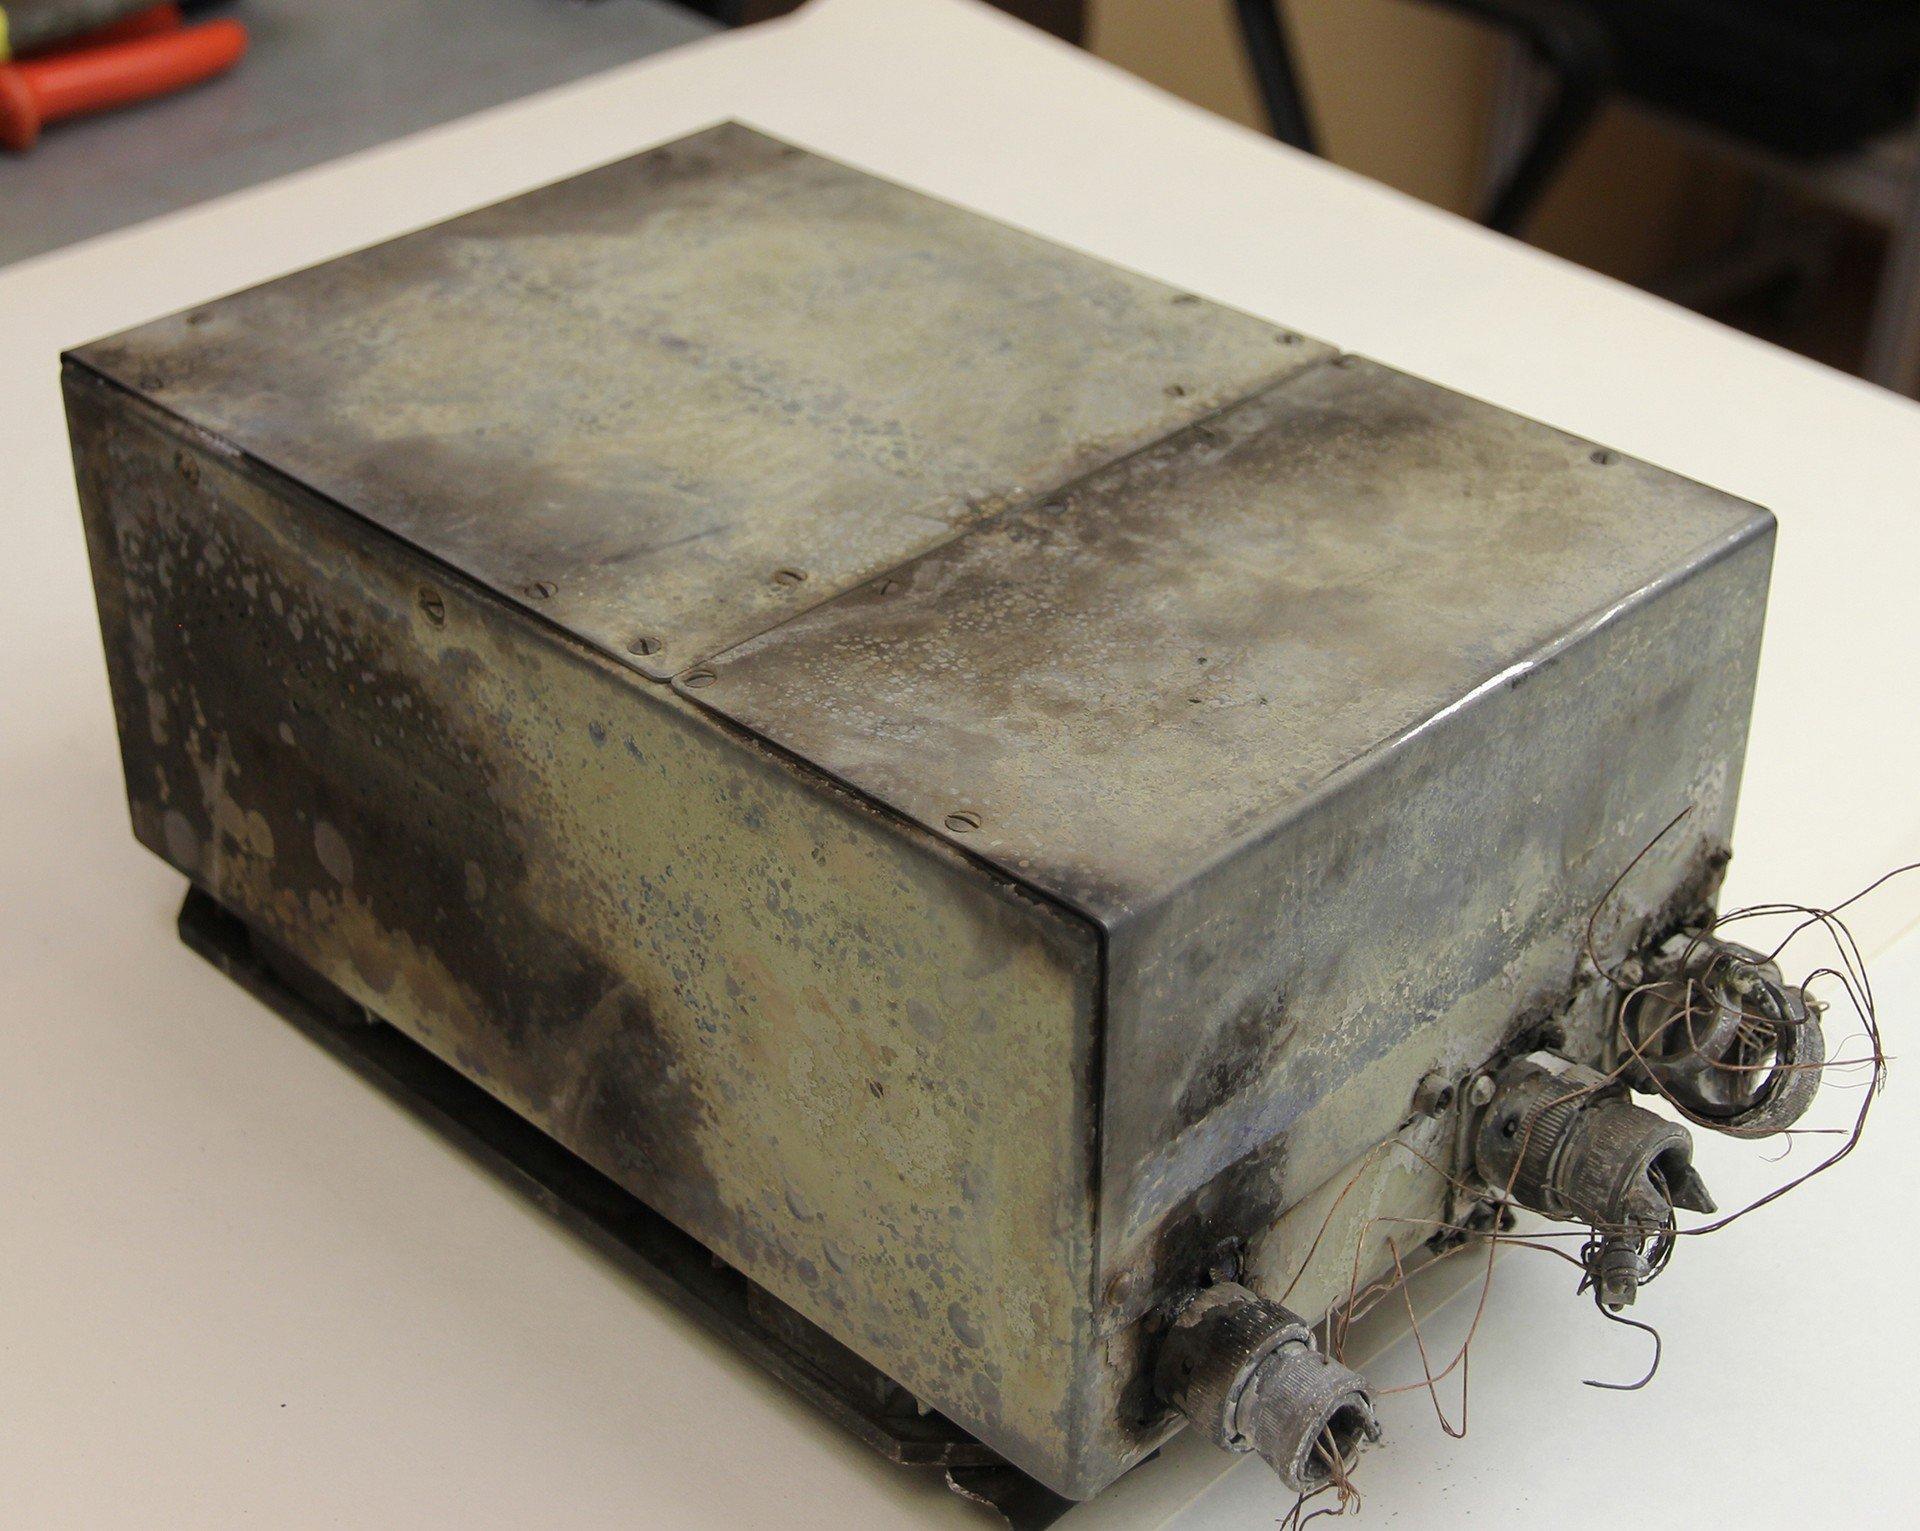 Una de las cajas negras del avión Il-76 siniestrado en Rusia